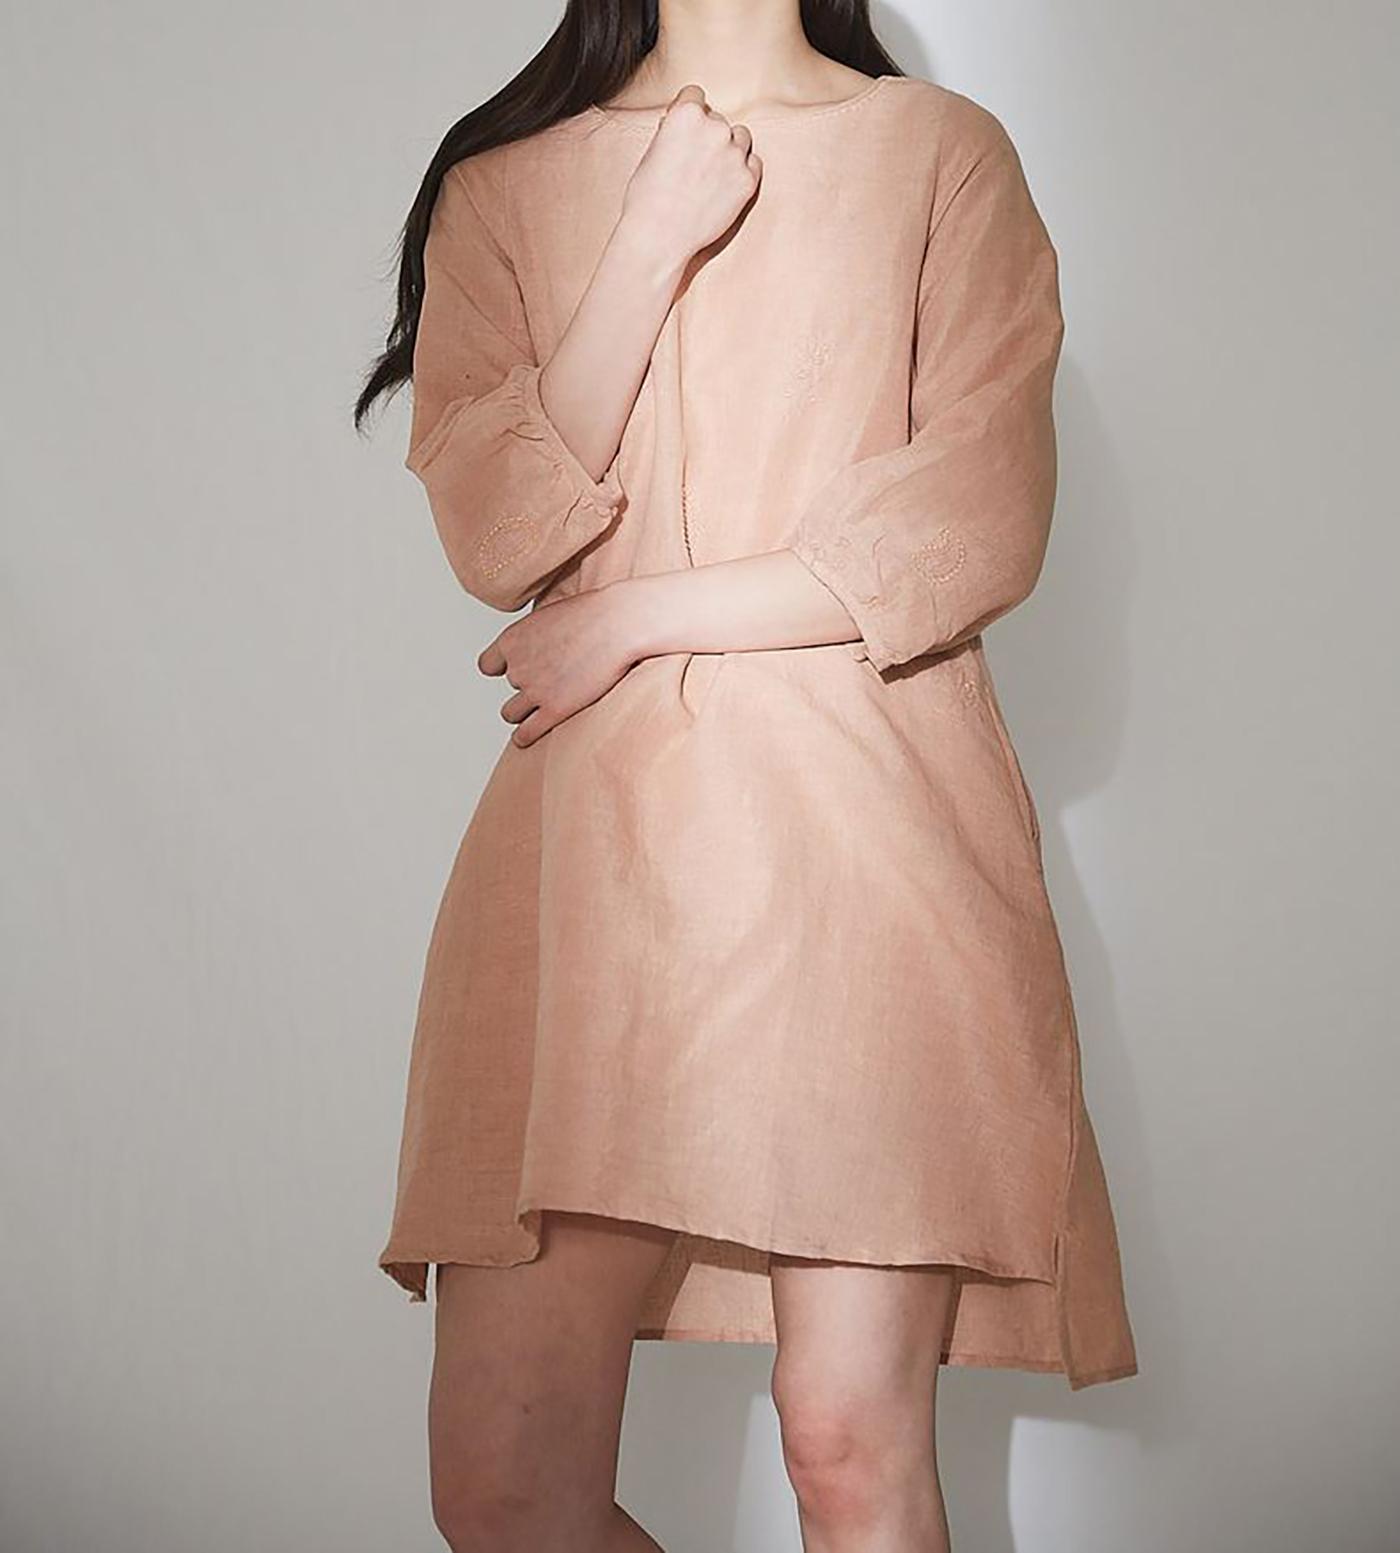 피치 치칸카리 드레스/심플하지만 사랑스러운 색감이 특징인 피치 치칸카리 드레스 상세이미지4